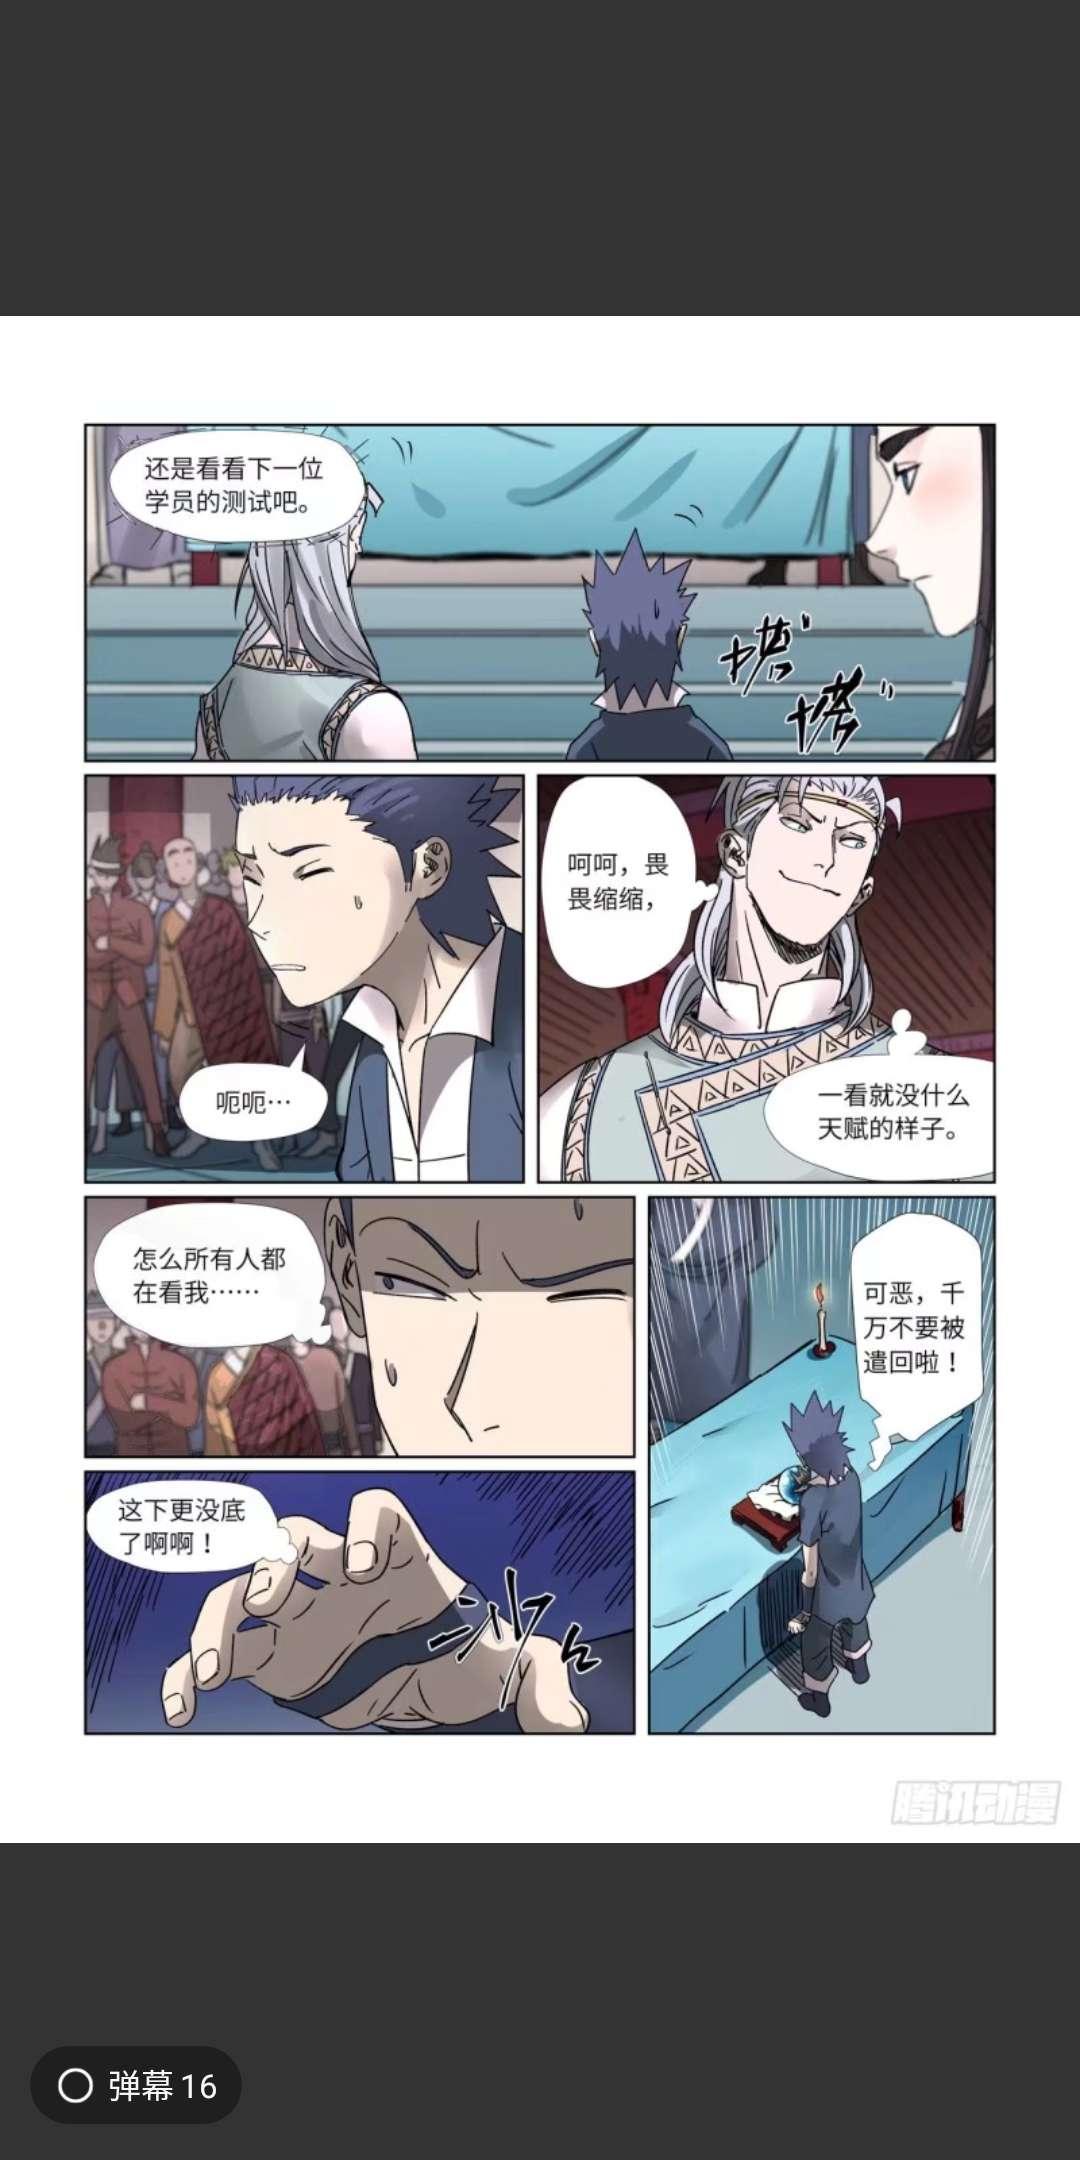 【漫画更新】妖神记532~533